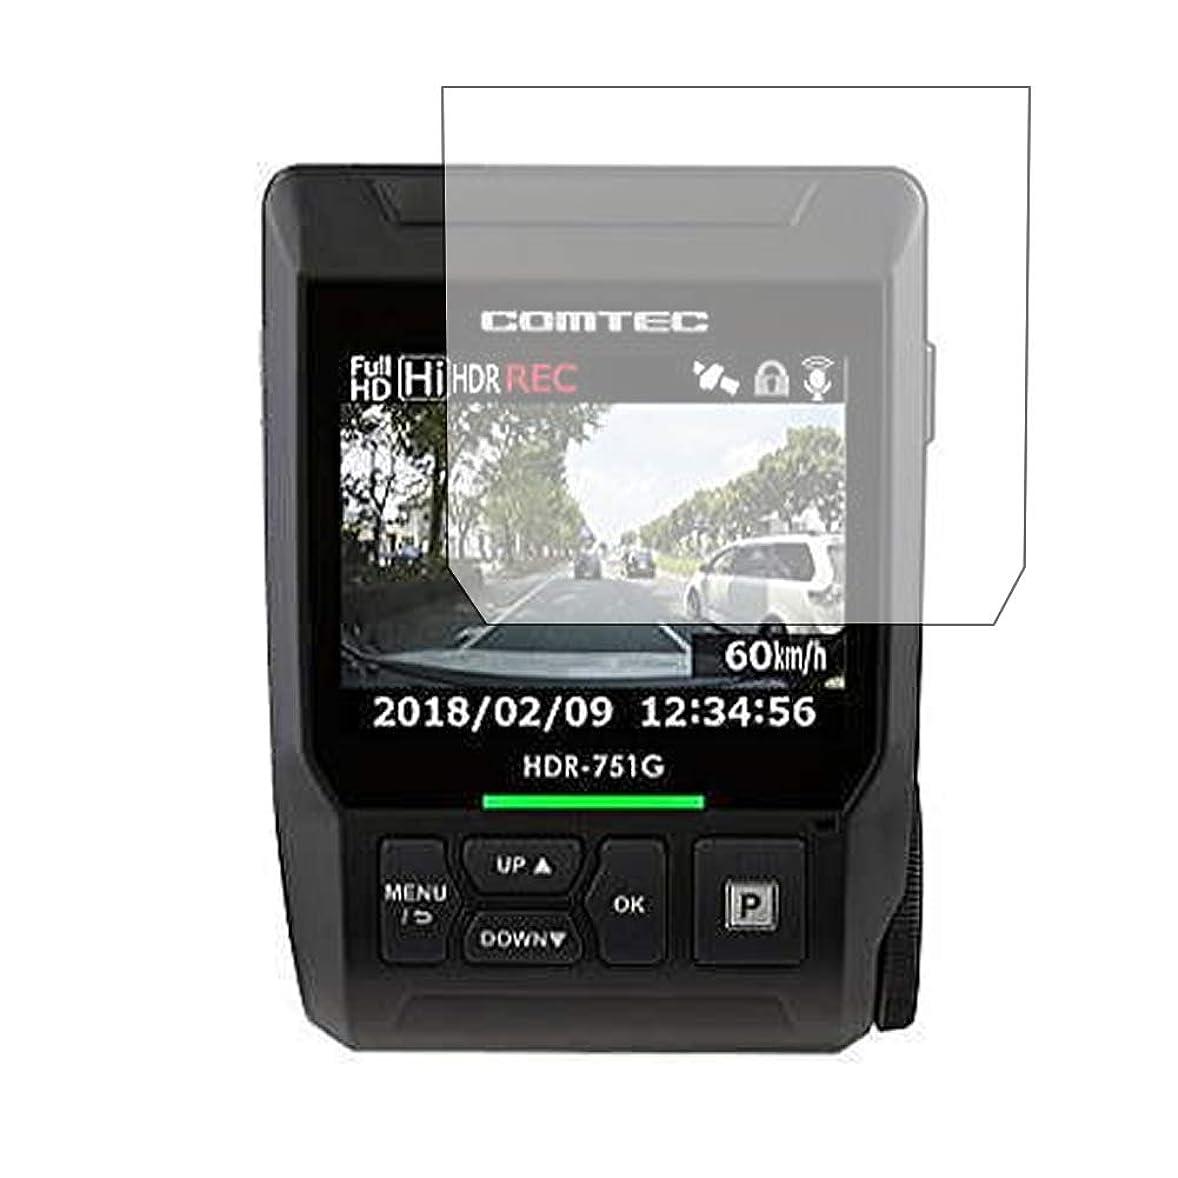 調和マトロンほのめかすメディアカバーマーケット【専用】COMTEC ドライブレコーダー HDR-751G HDR-751GP機種用【強化ガラス同等の硬度9H ブルーライトカット 反射防止 液晶保護 フィルム】